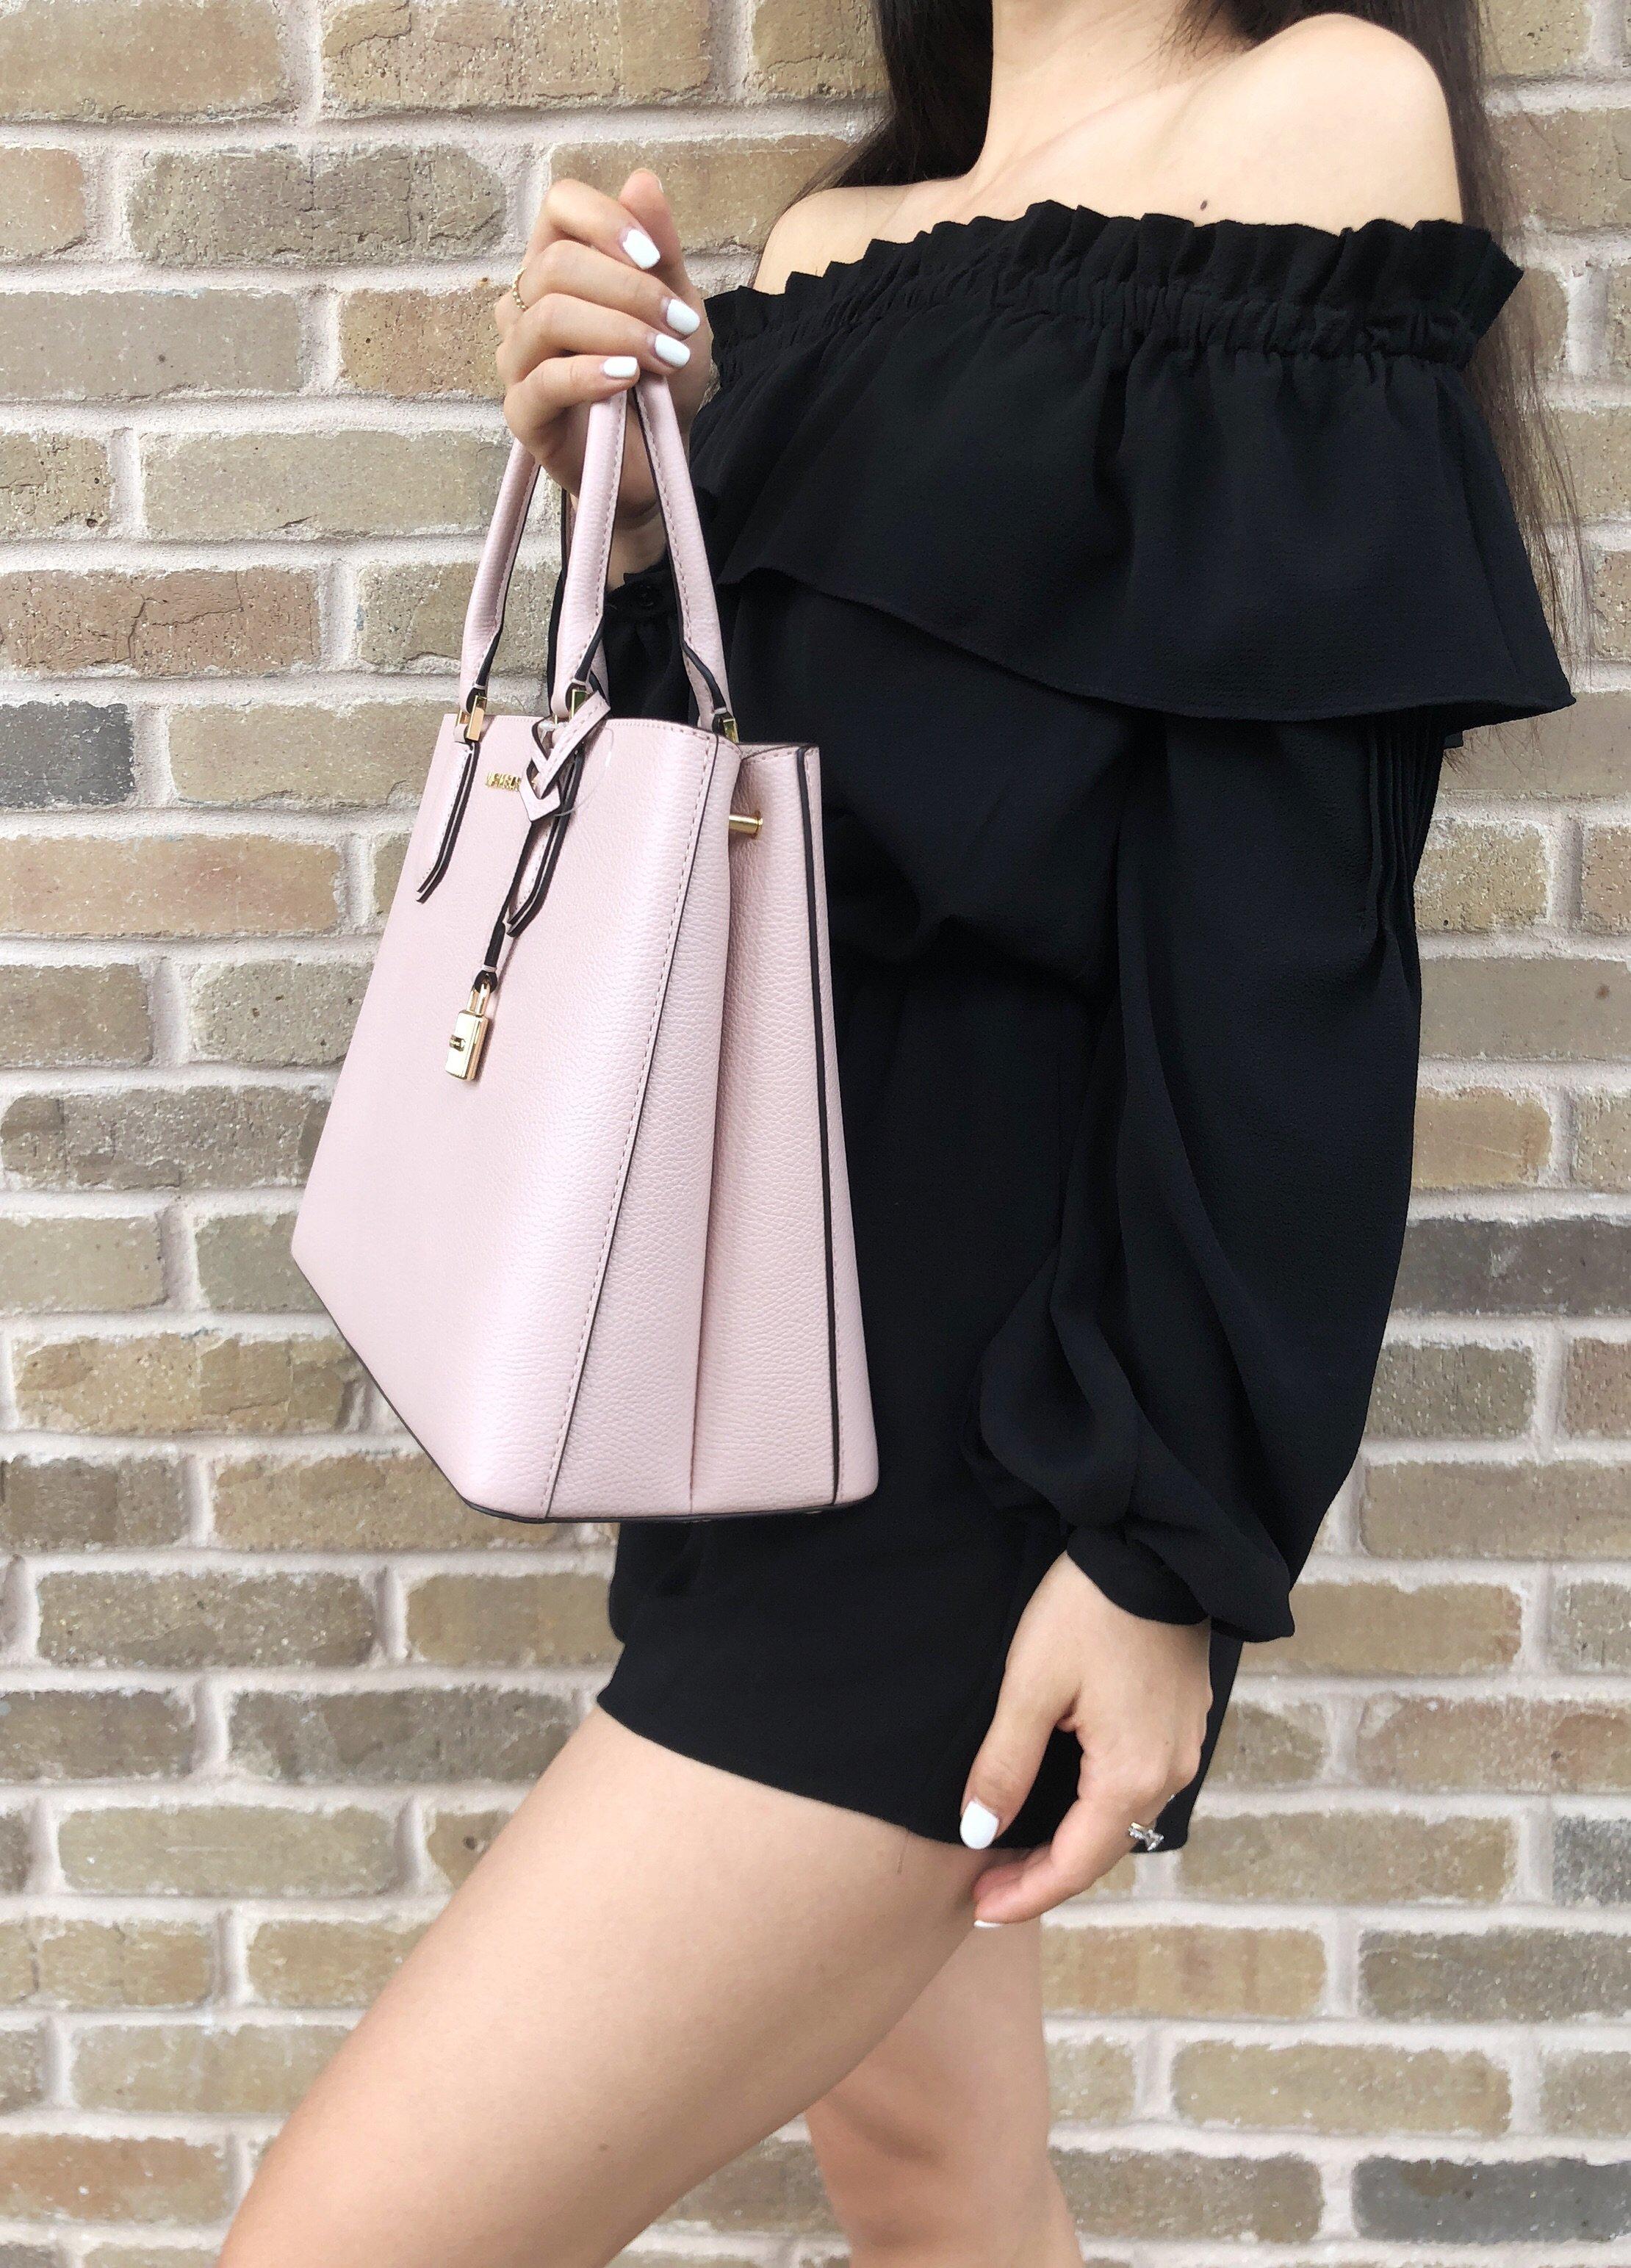 9ea047947ba6 Michael Kors Adele Mercer Large Satchel Bag Blossom Ballet Pink ...